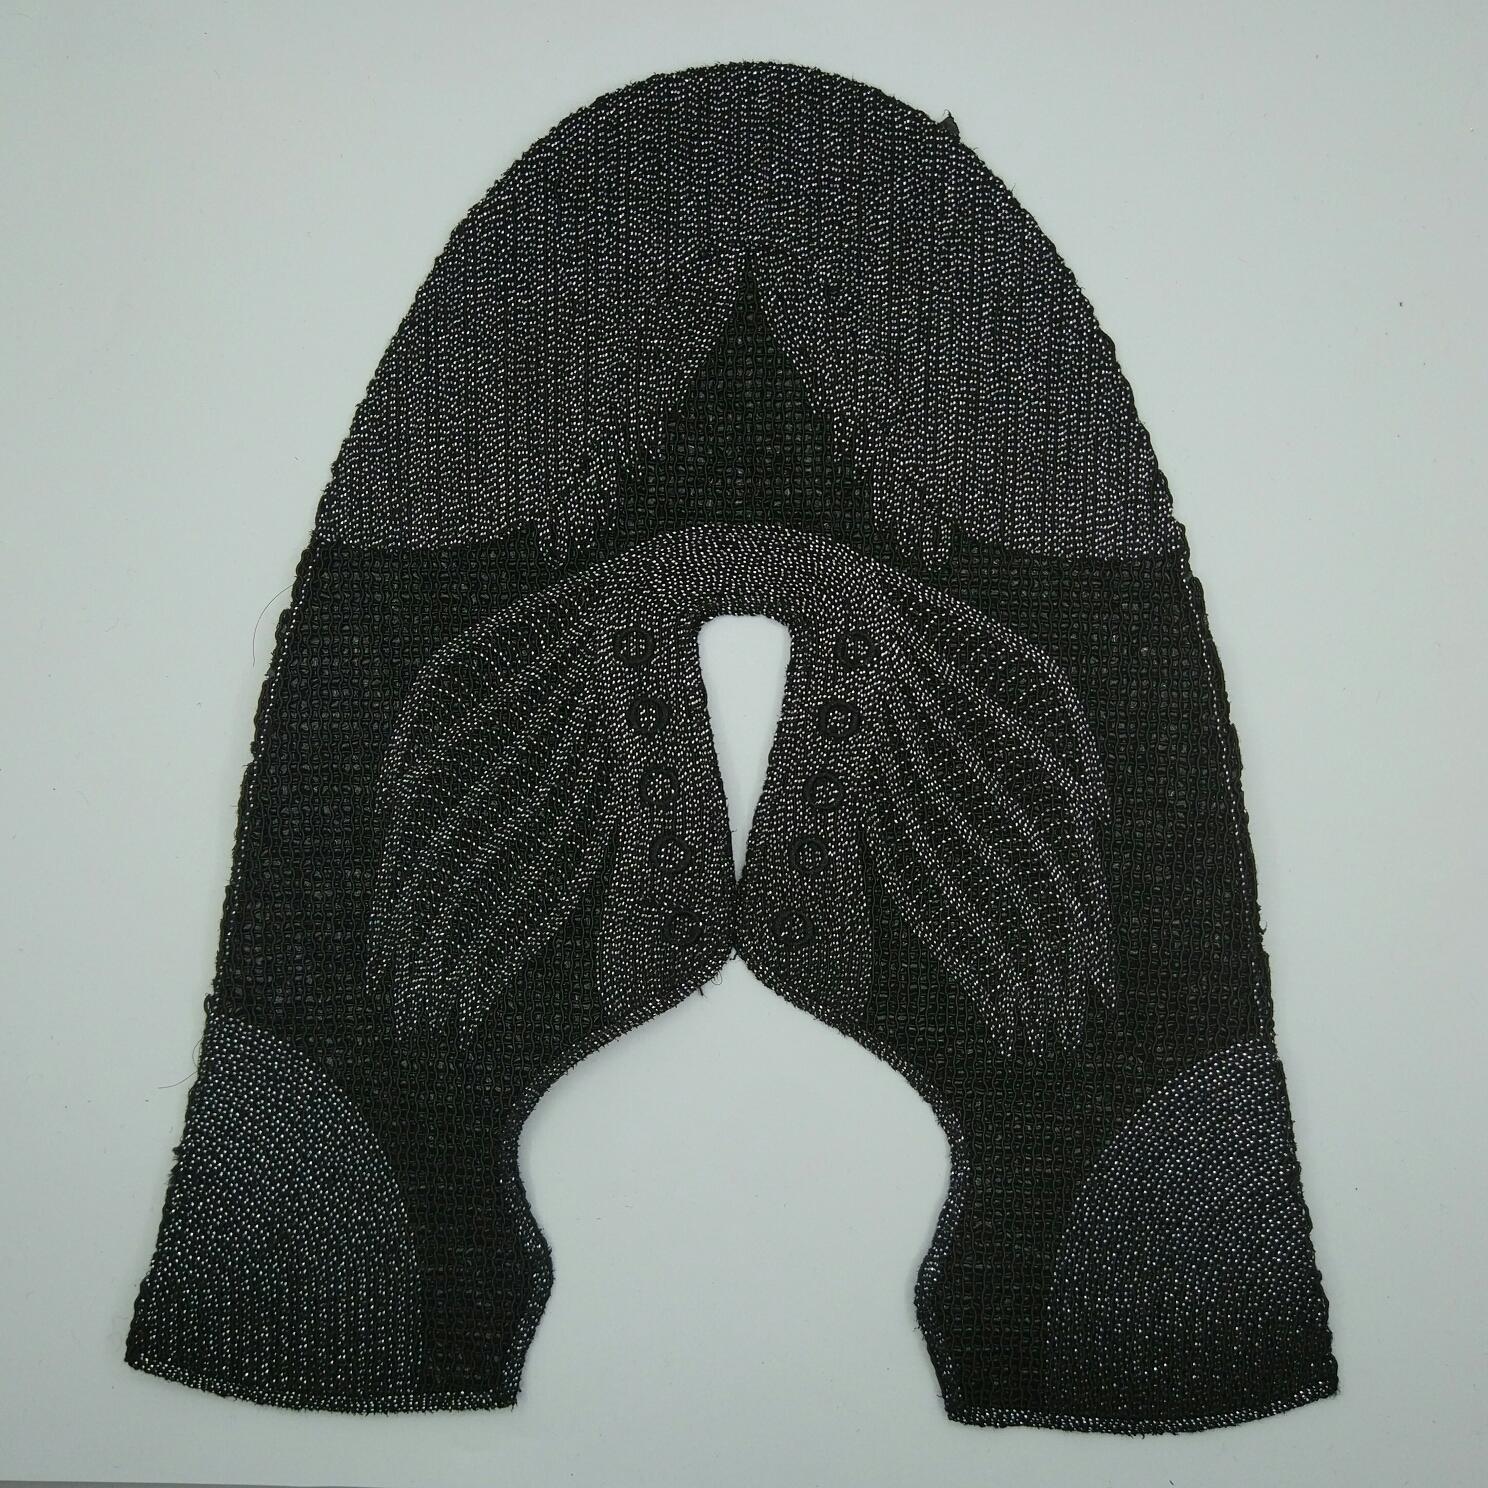 布料 单色 双色 涤纶 混纺 3D 飞织 4D 绣花 鞋面 布料 单色 双色 涤纶 混纺 3D 飞织 4D 绣花 鞋面